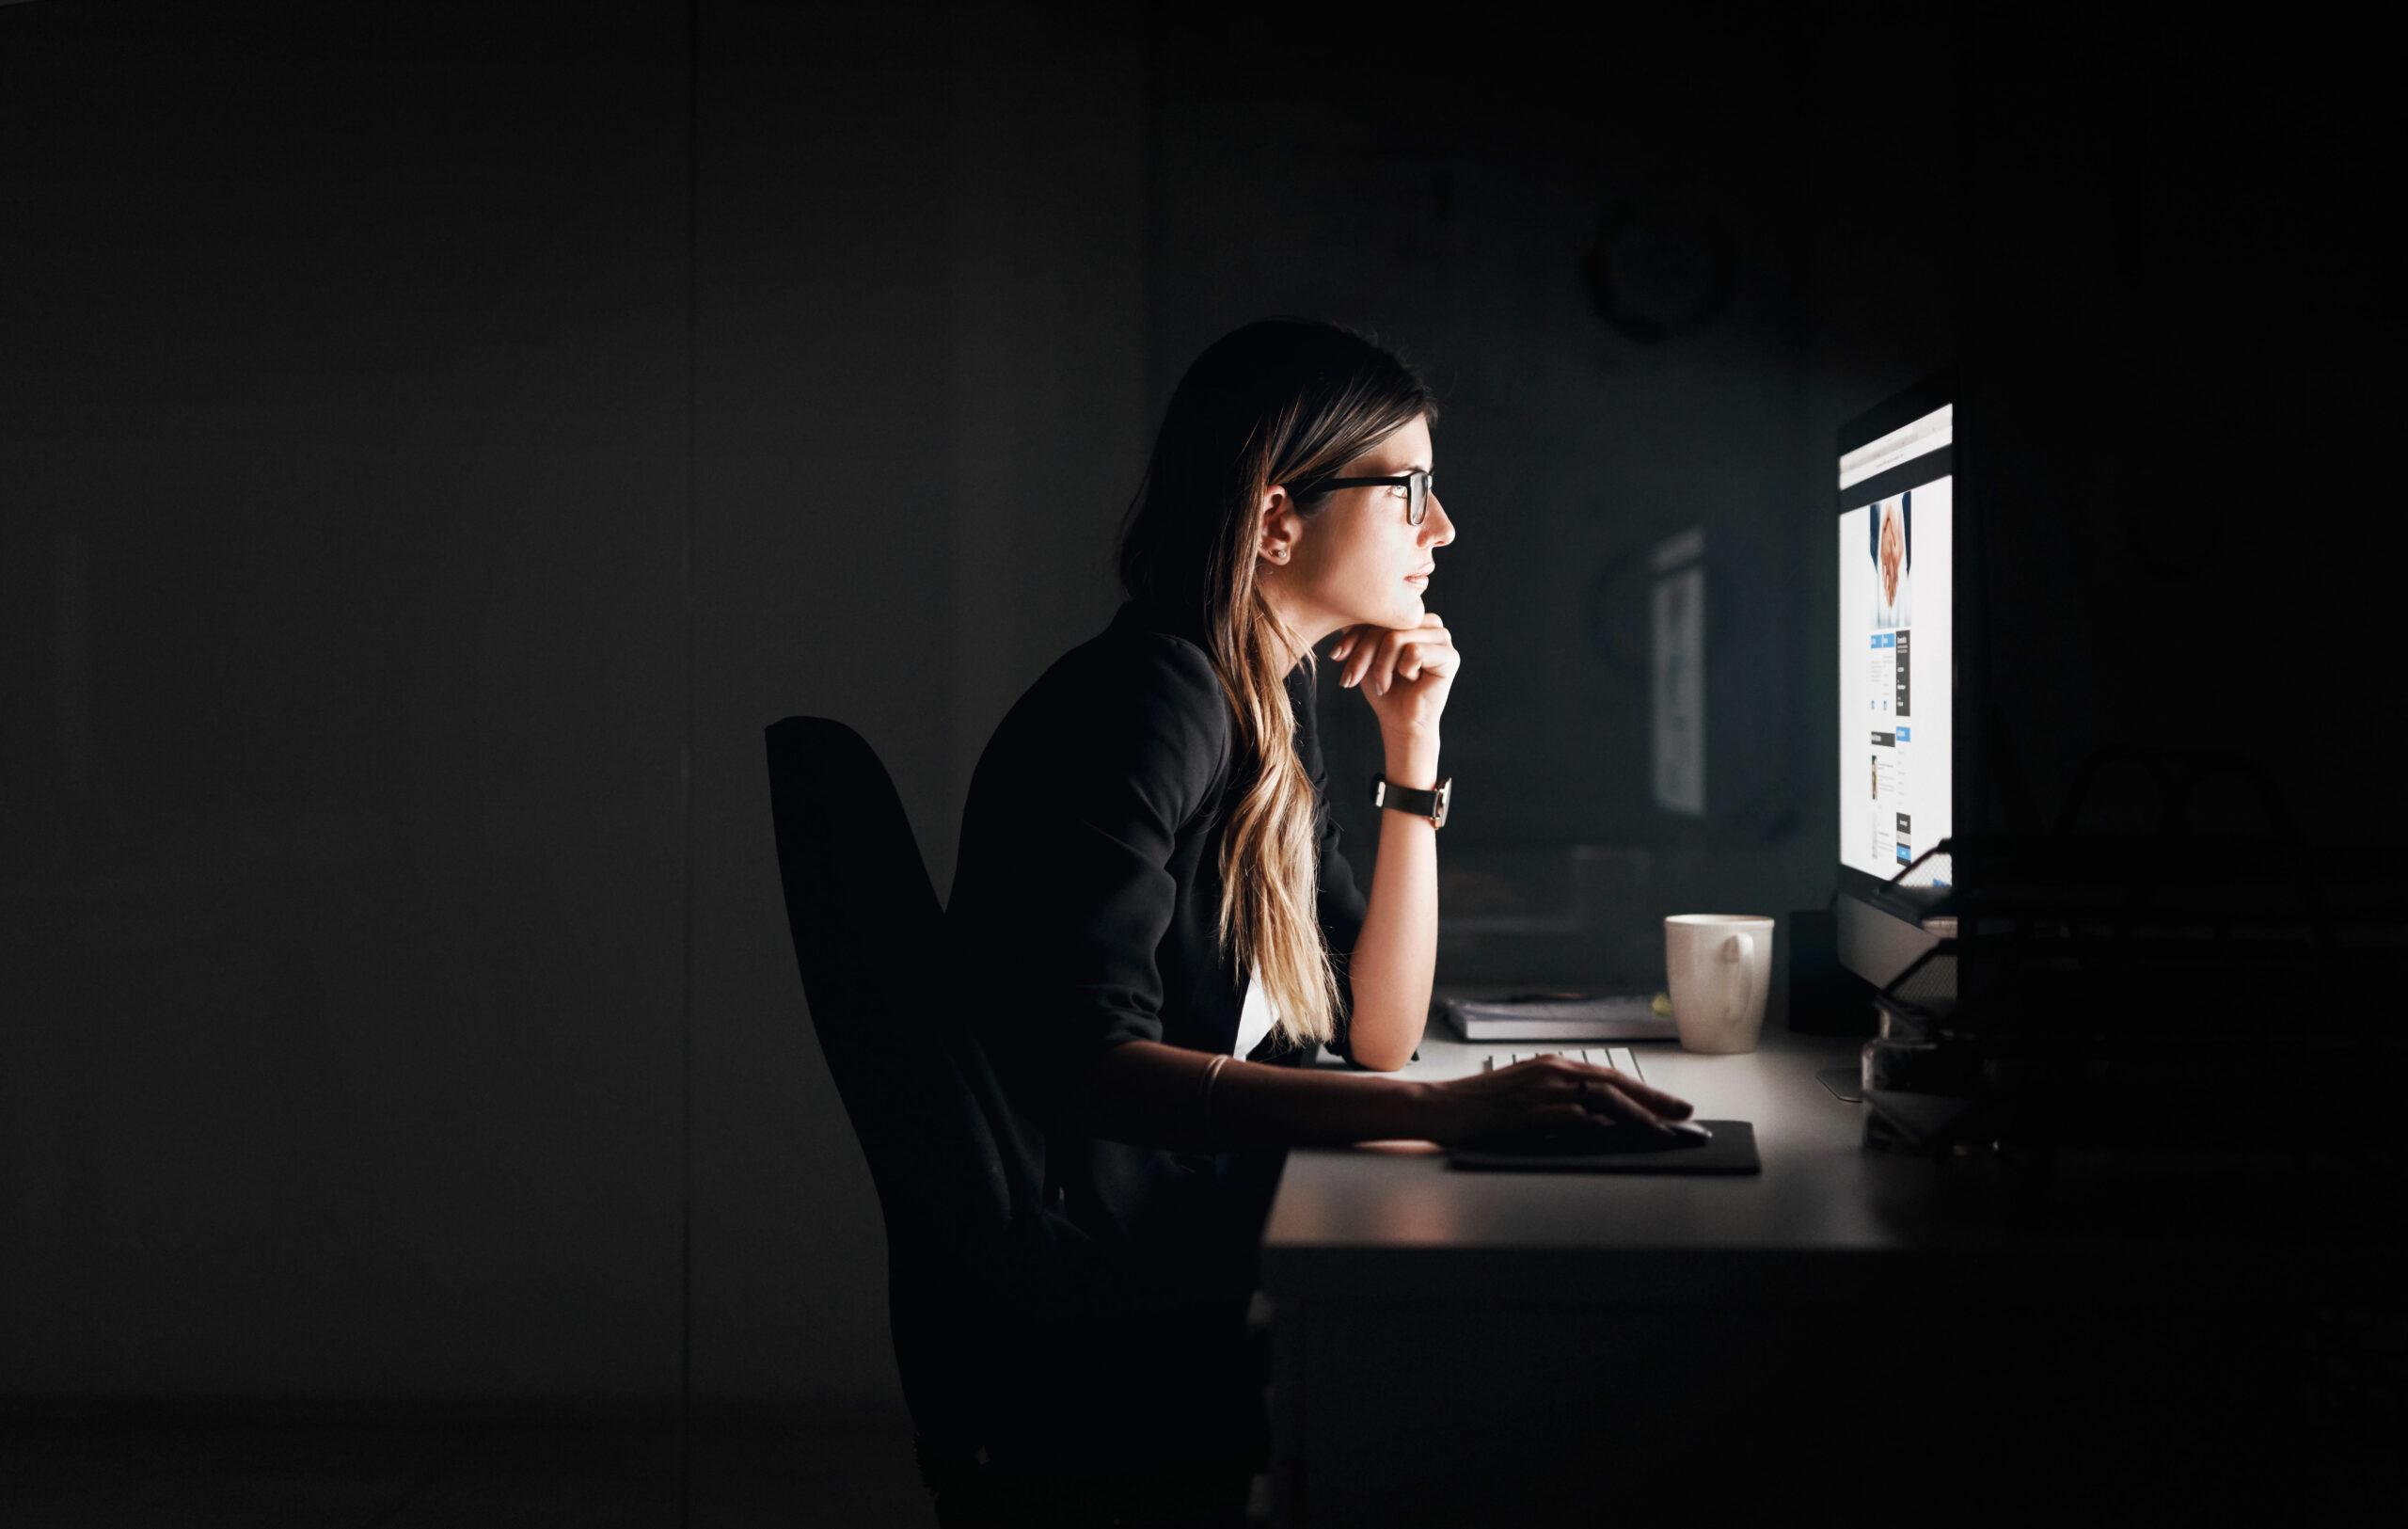 Nainen työskentelee tietokoneella muutoin pimeässä tilassa.